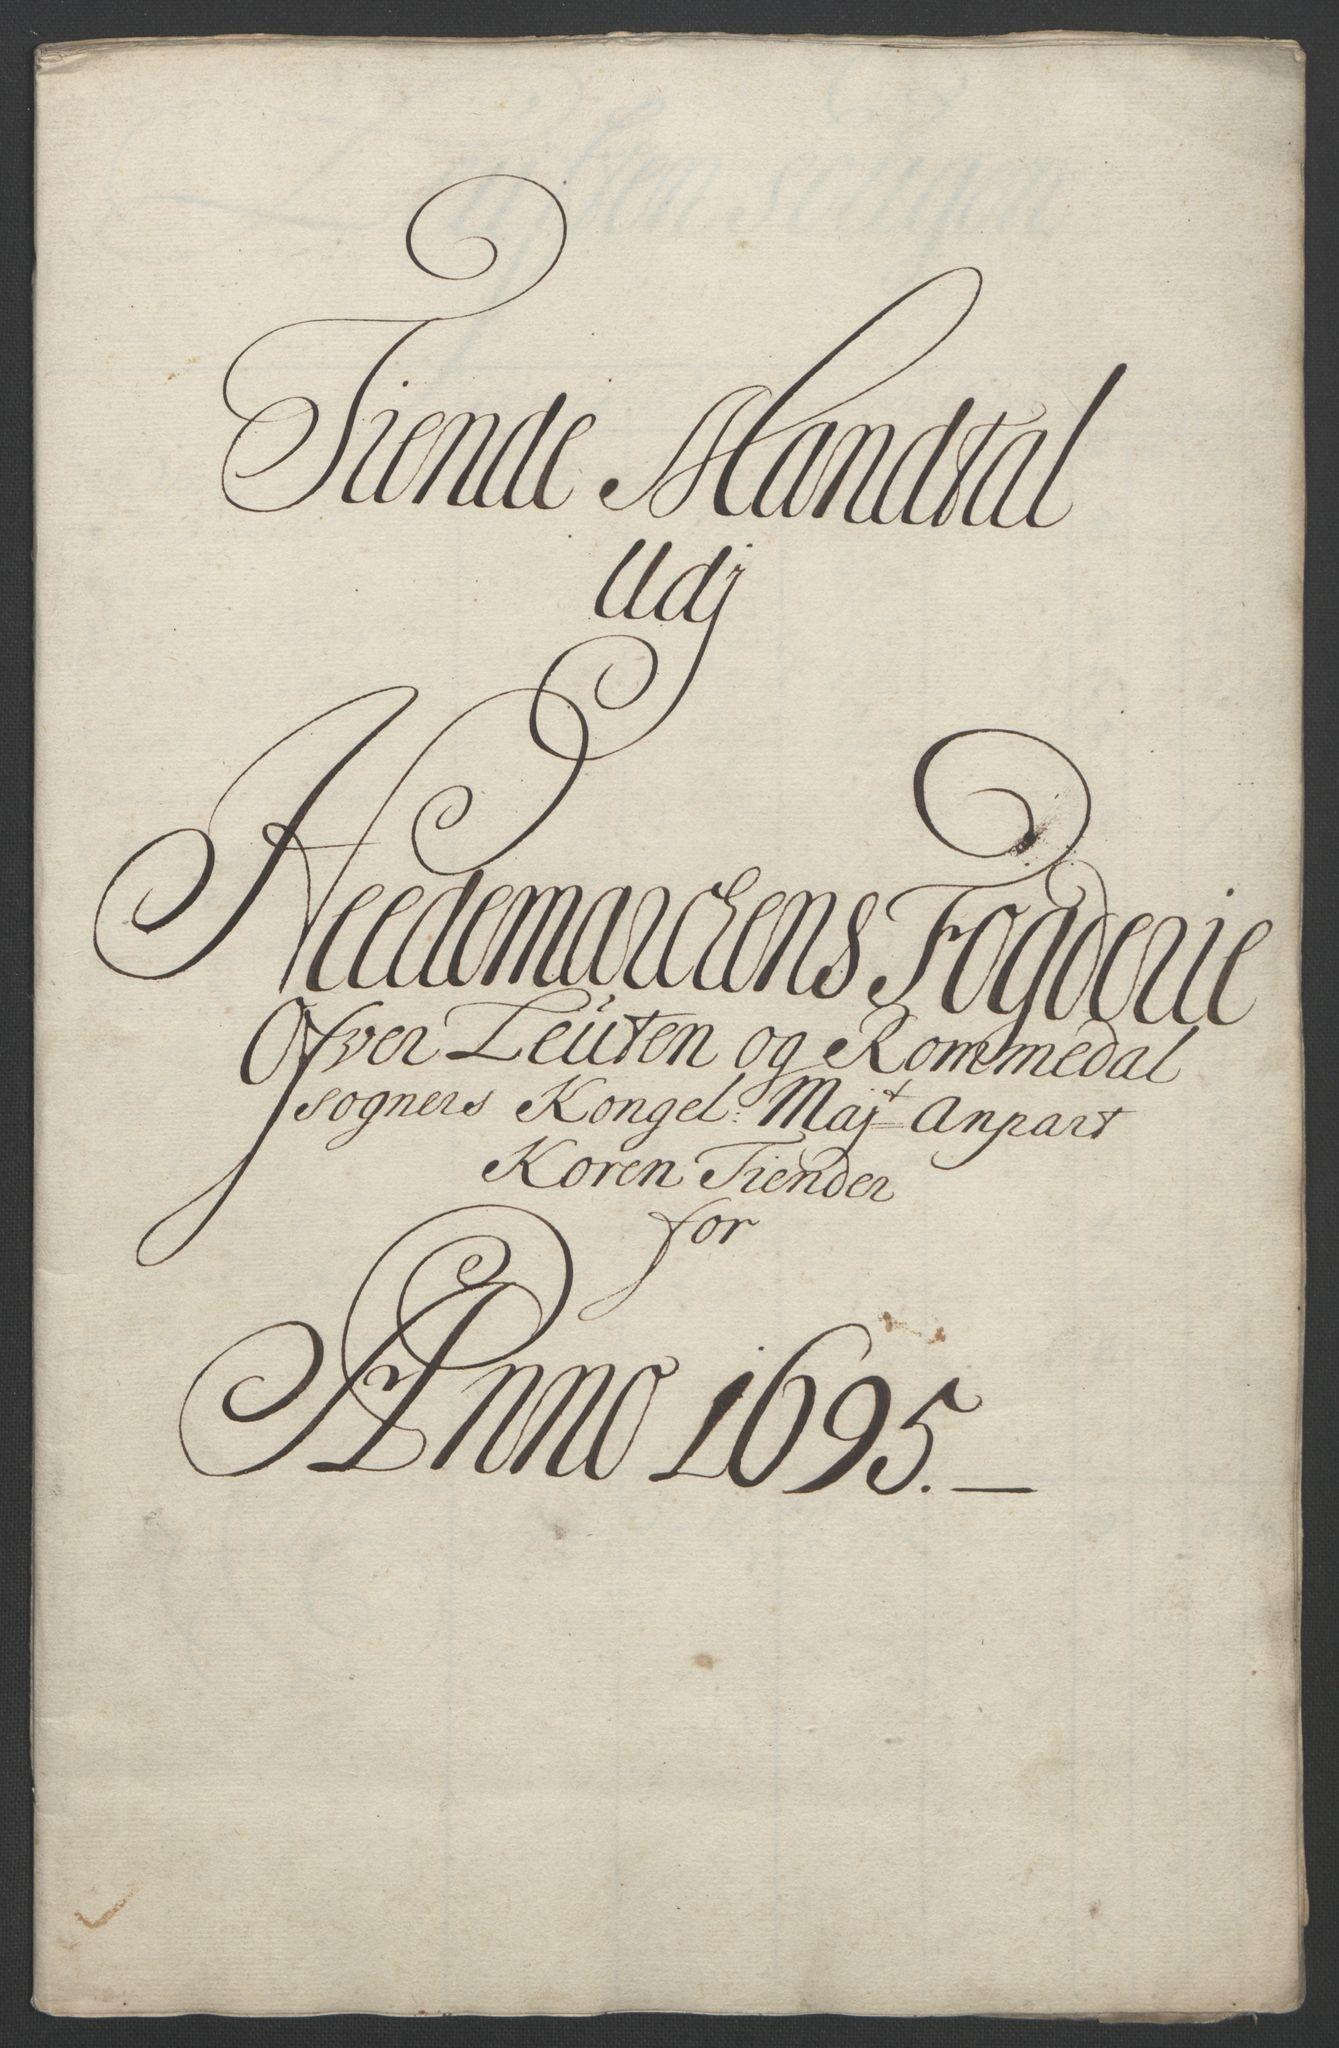 RA, Rentekammeret inntil 1814, Reviderte regnskaper, Fogderegnskap, R16/L1036: Fogderegnskap Hedmark, 1695-1696, s. 47